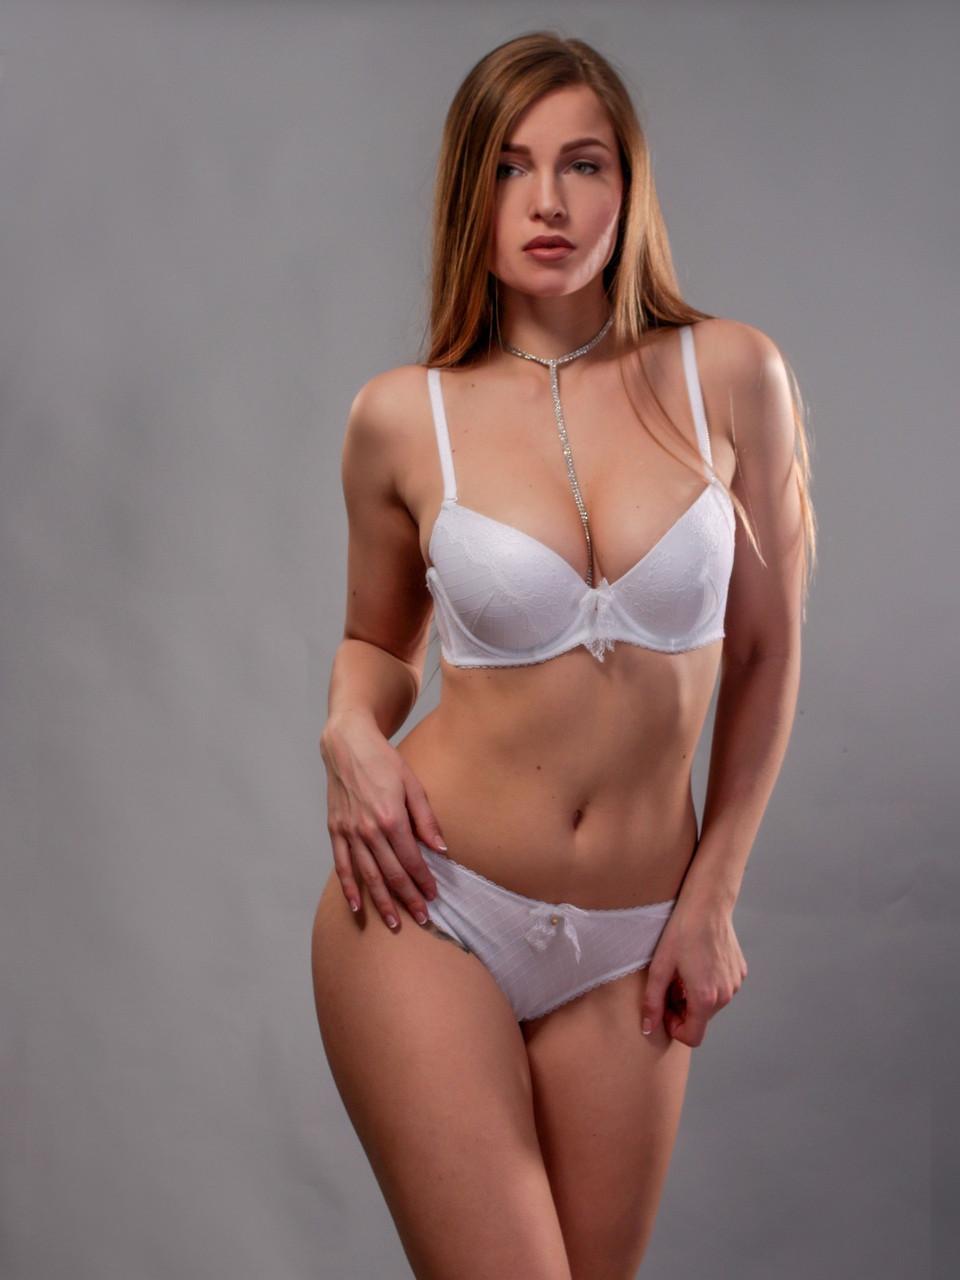 Комплект жіночої нижньої білизни Acousma A6449BC-P6449H оптом, чашка B, колір Білий